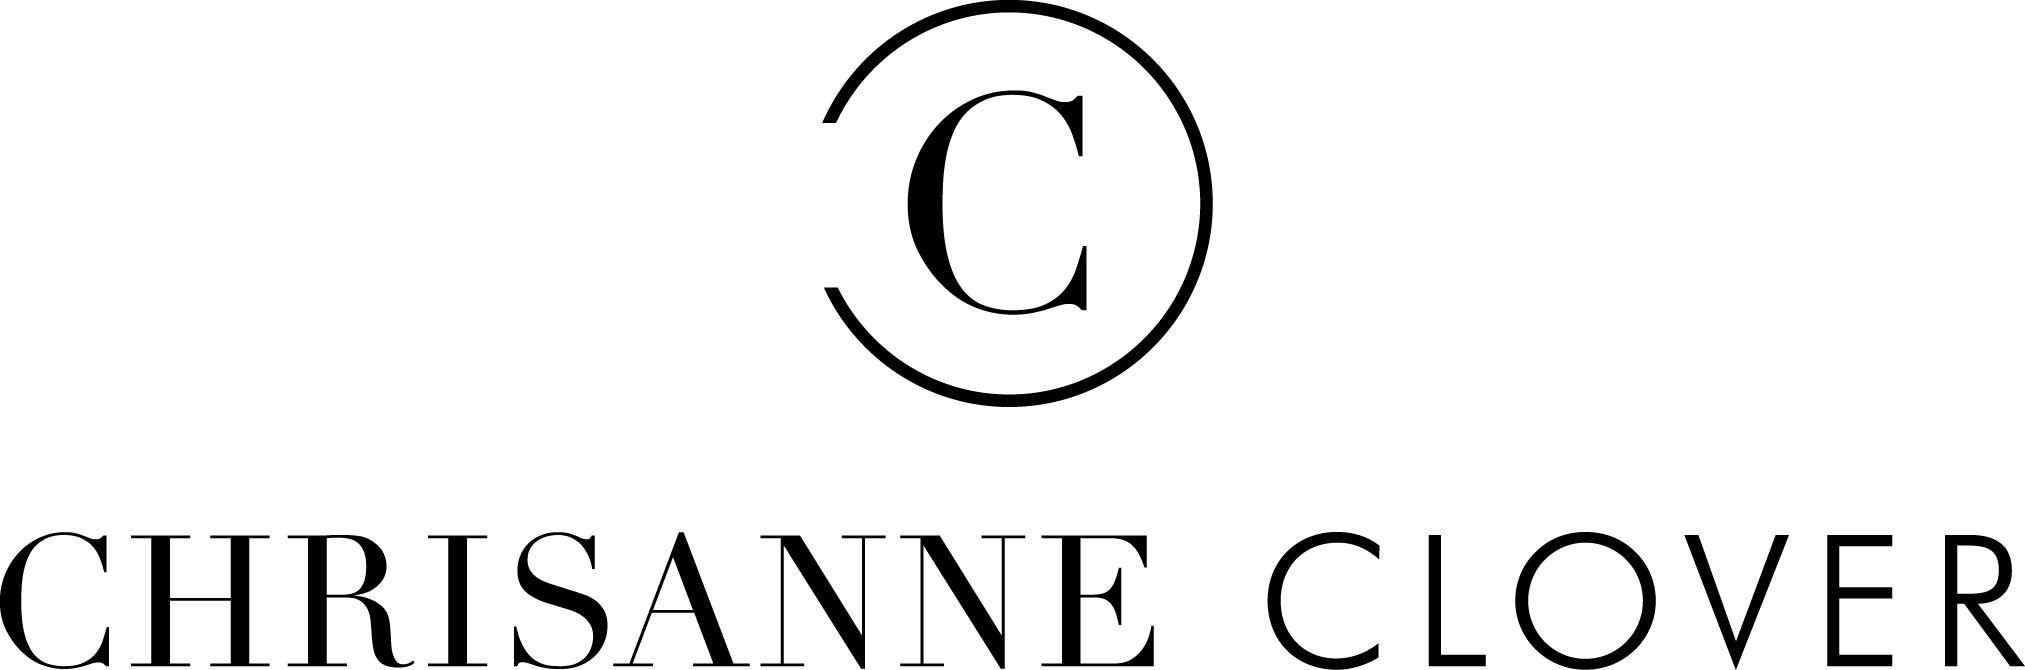 chrisanne-clover-branding-2016.jpg